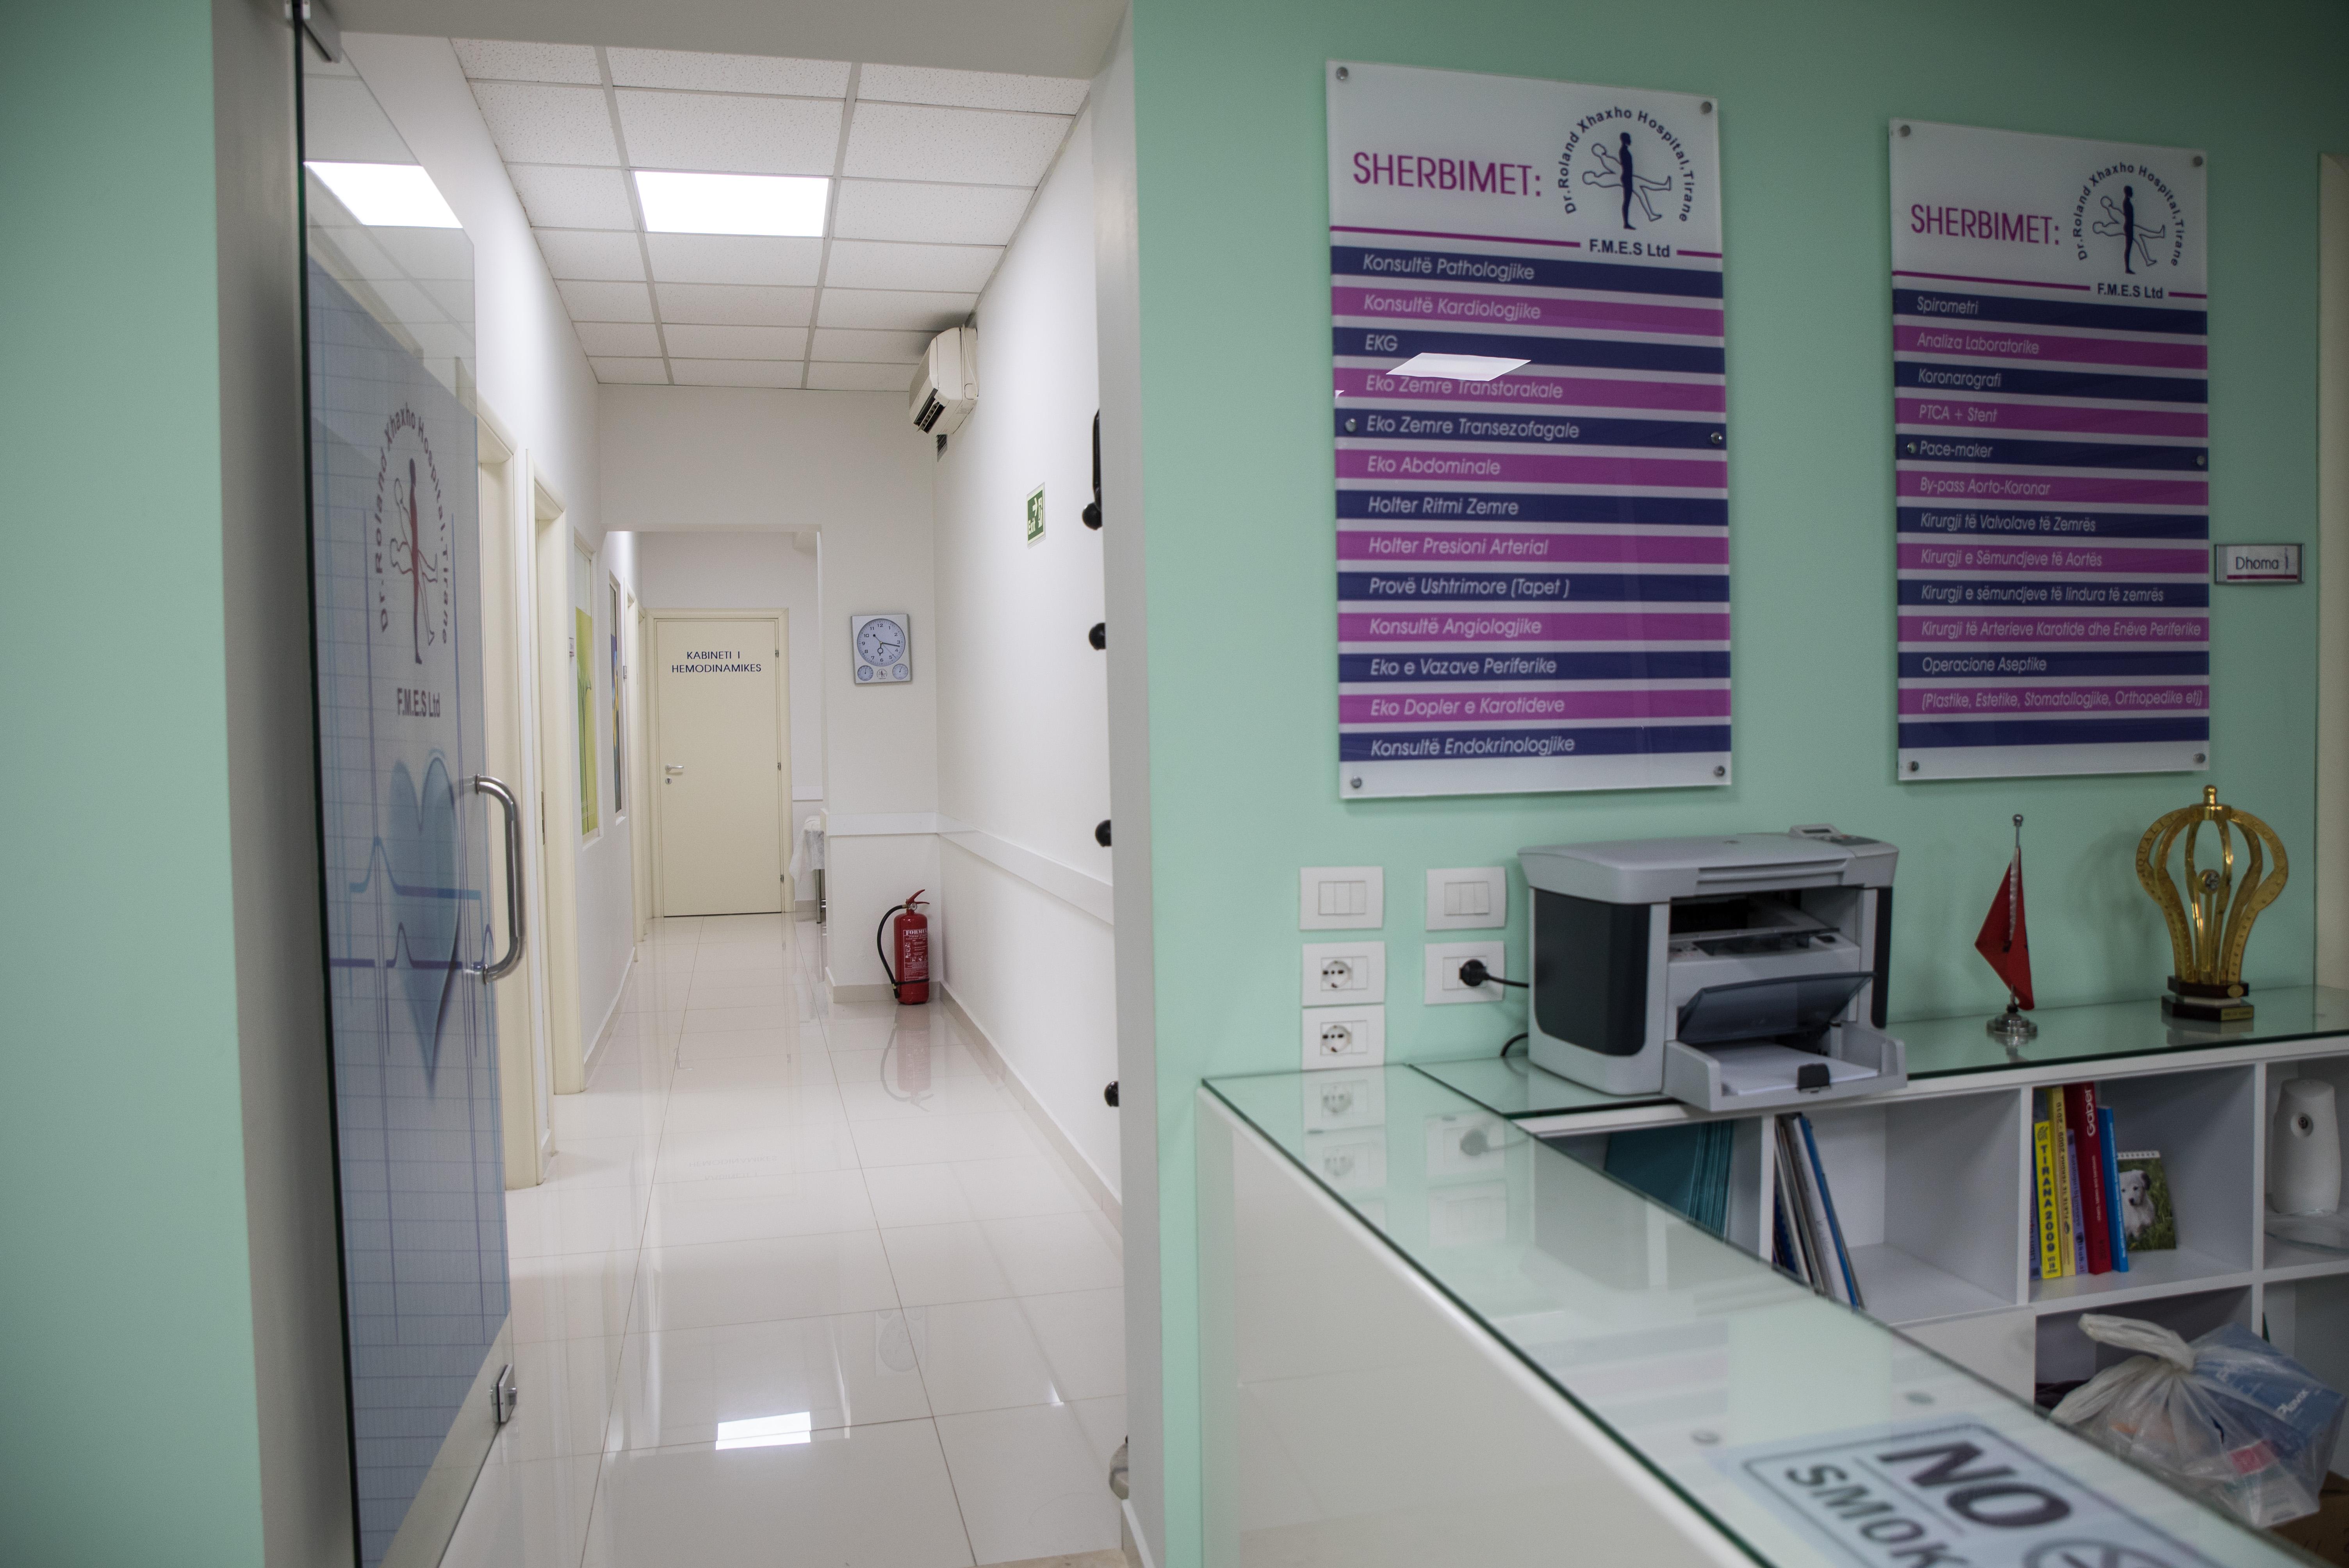 Shërmbimet në spitalin tonë